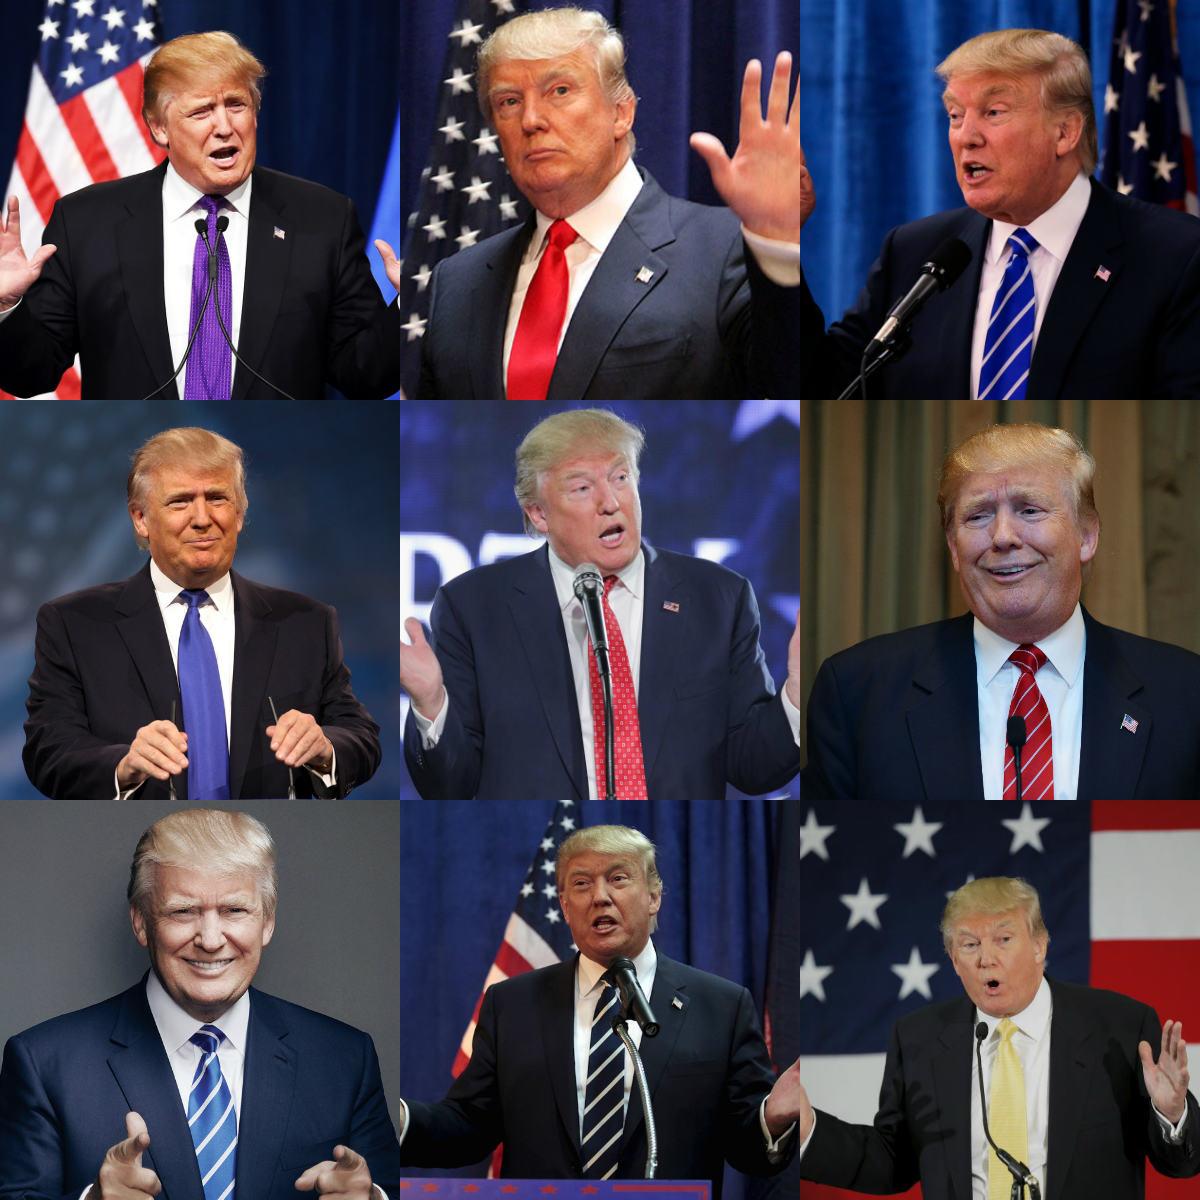 Cán mốc 70, Donald Trump vẫn quá phong độ bên vợ chân dài - 9